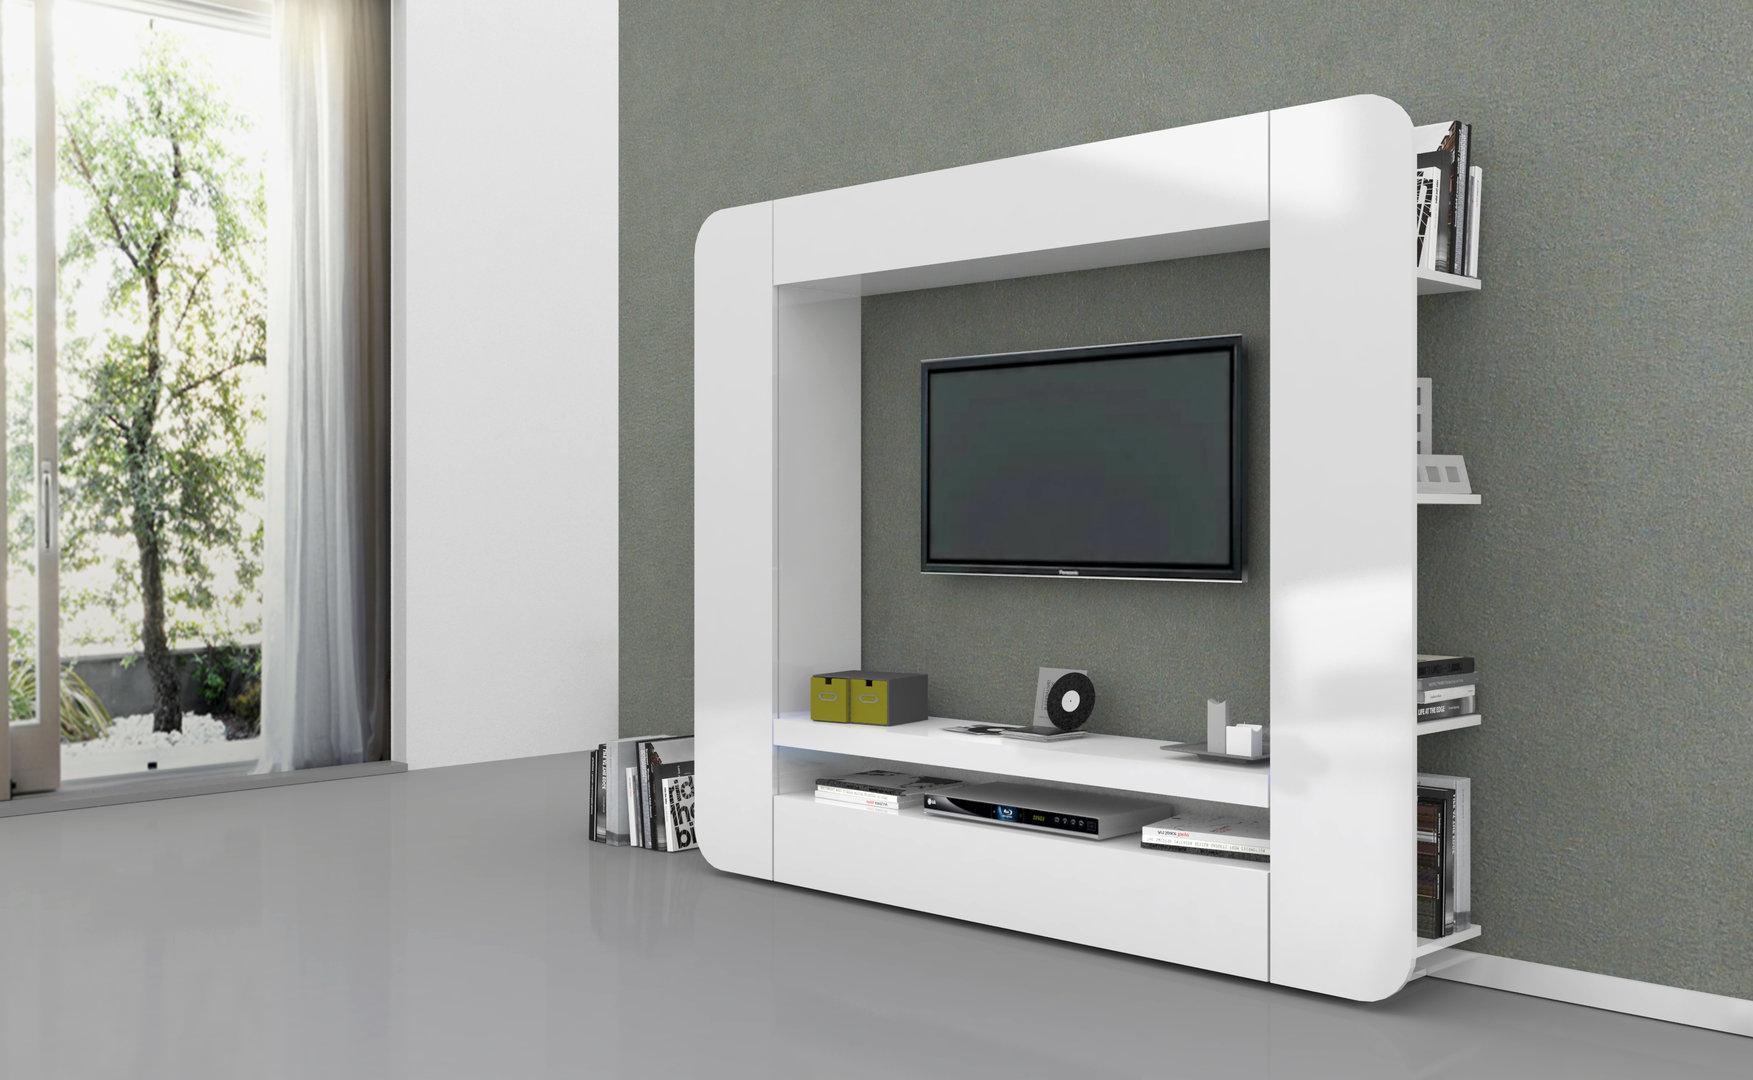 Soggiorno bianco o antracite zurigo mobile porta tv moderno for Colori mobili moderni